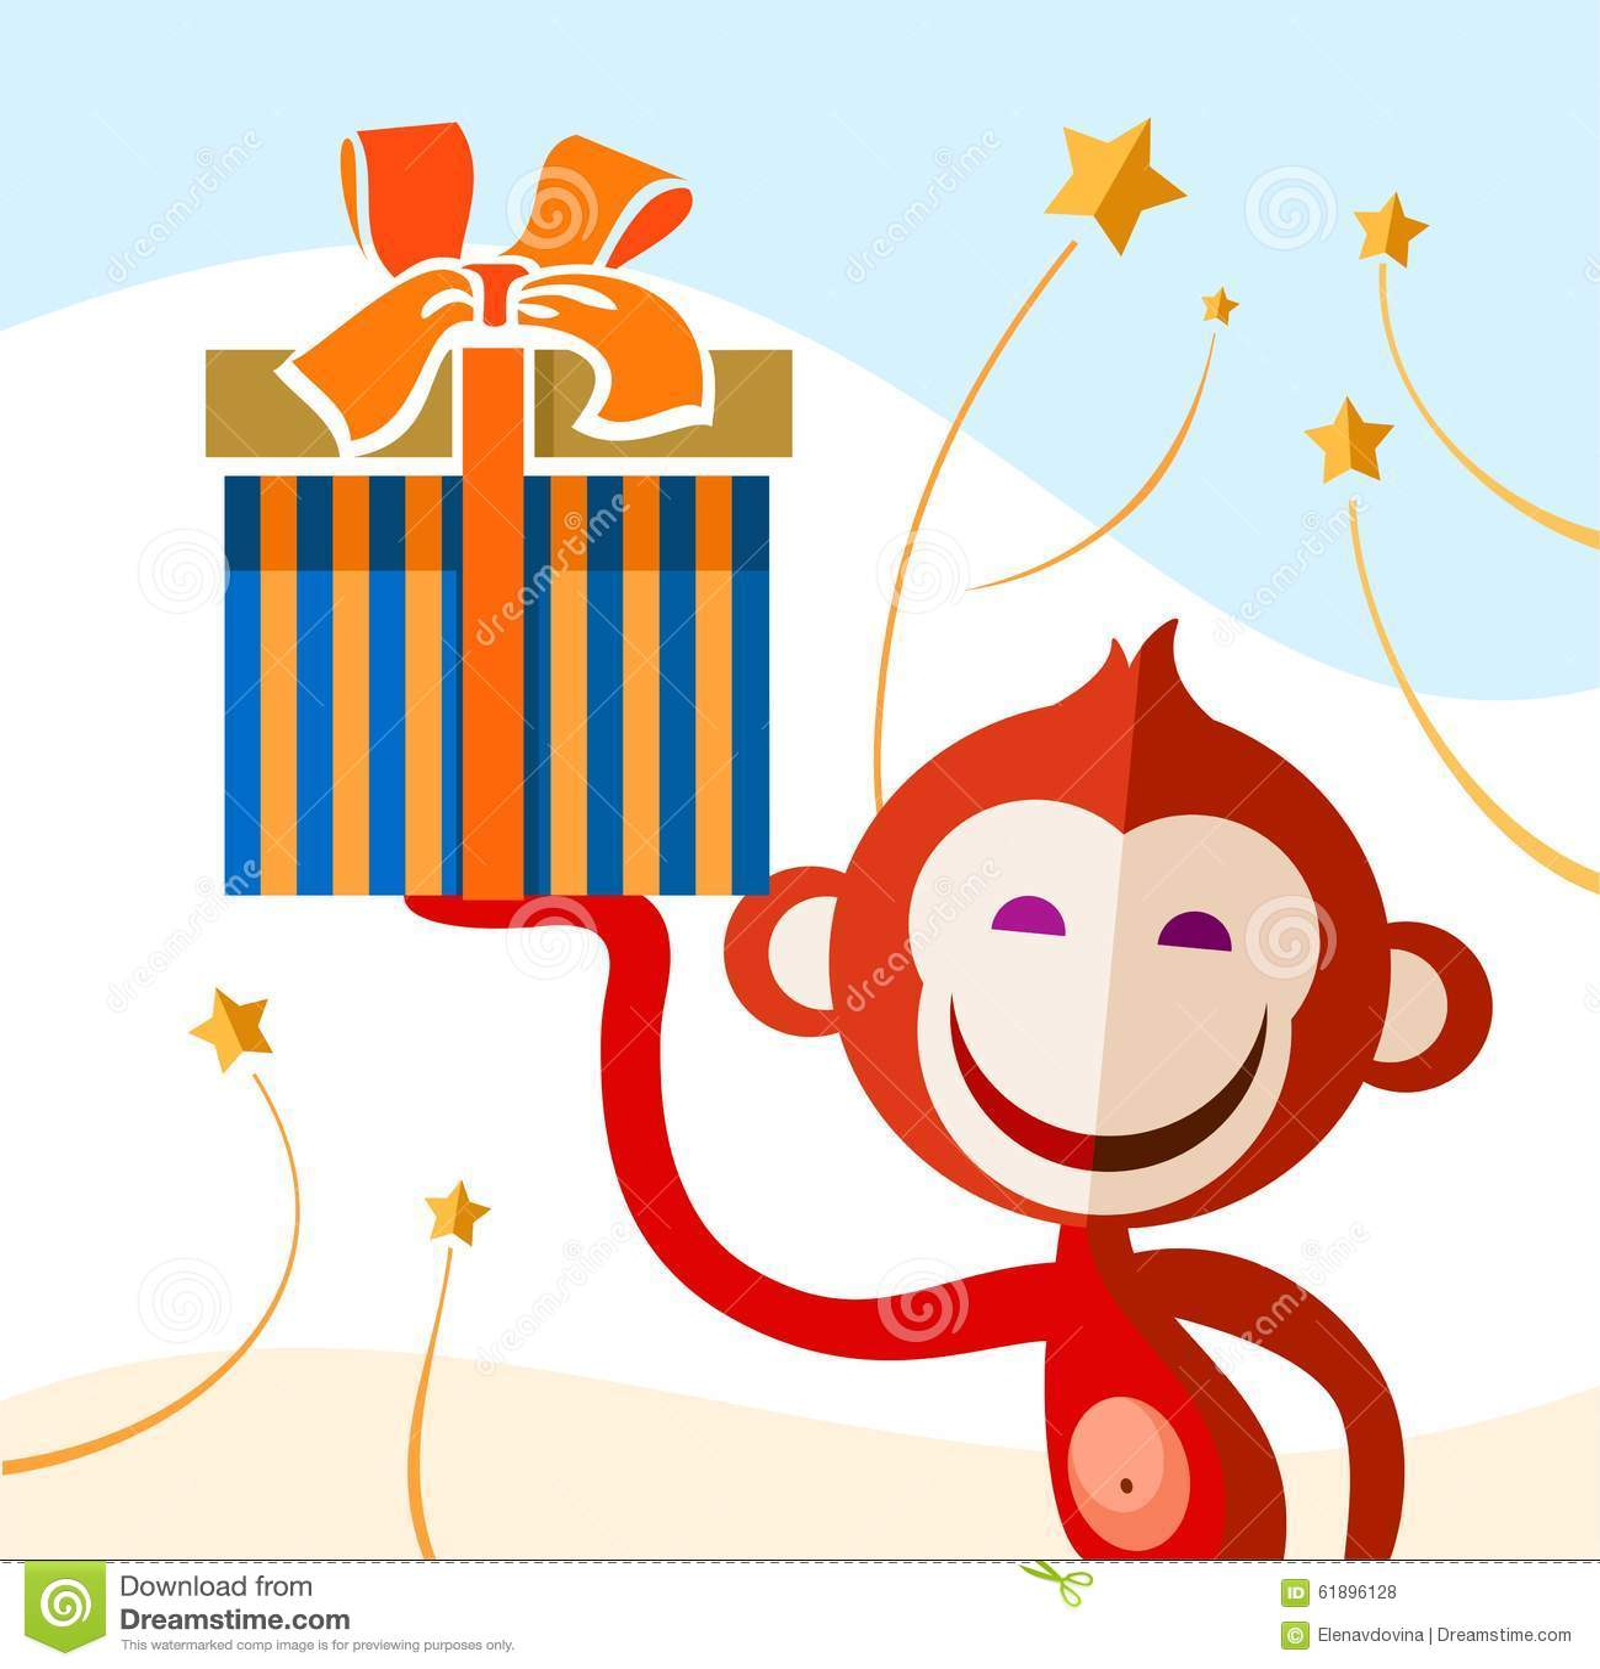 画猴子用什么颜色_库存例证: 与礼物的猴子,颜色图片